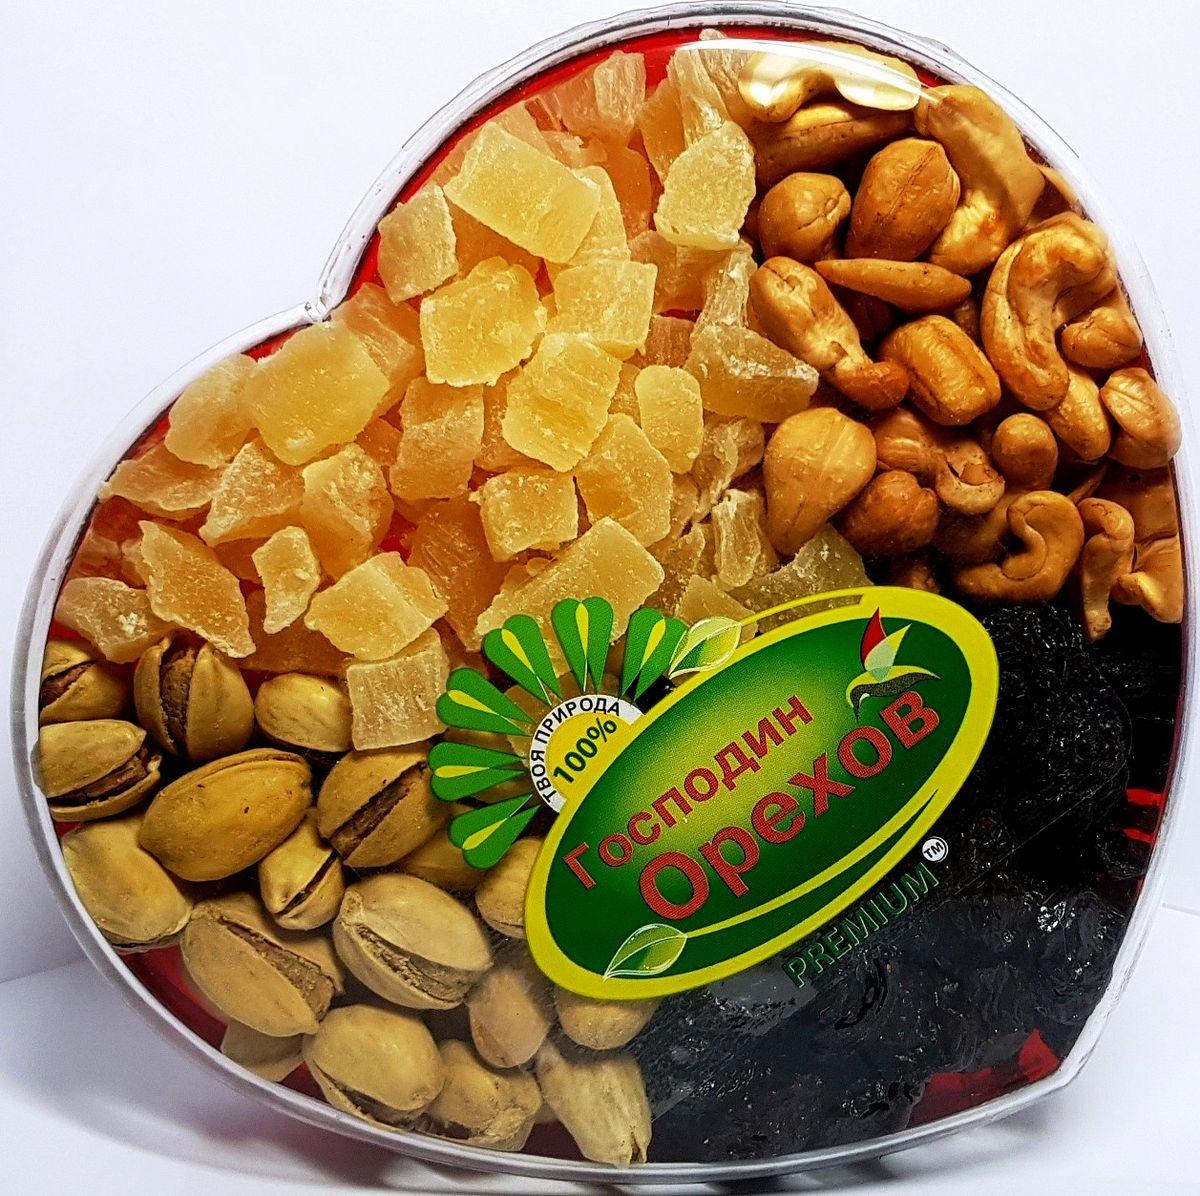 Смесь Господин орехов Лакомка Сердце , 340 г